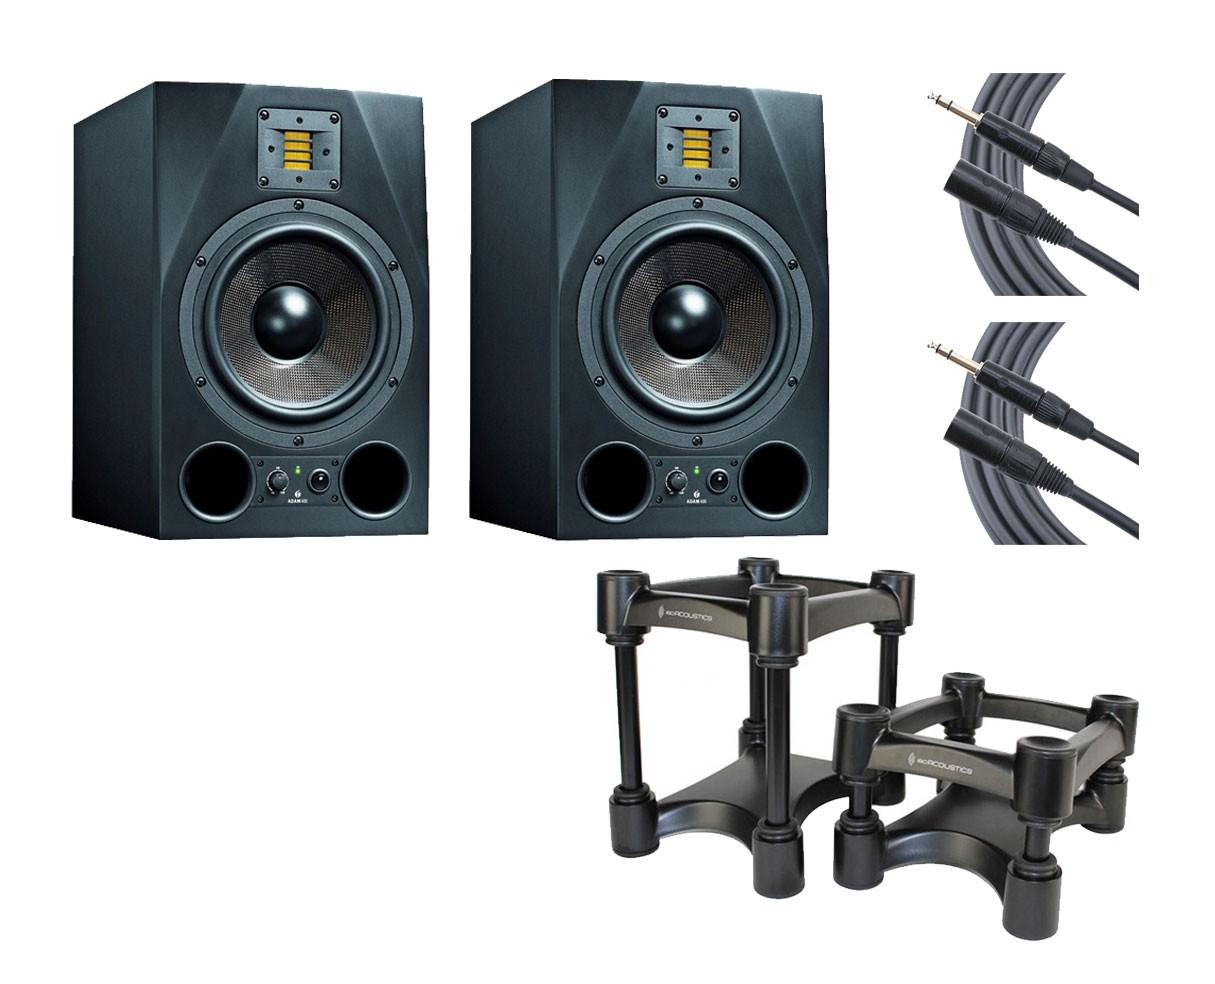 2x ADAM A8X + IsoAcoustics + Mogami Cables